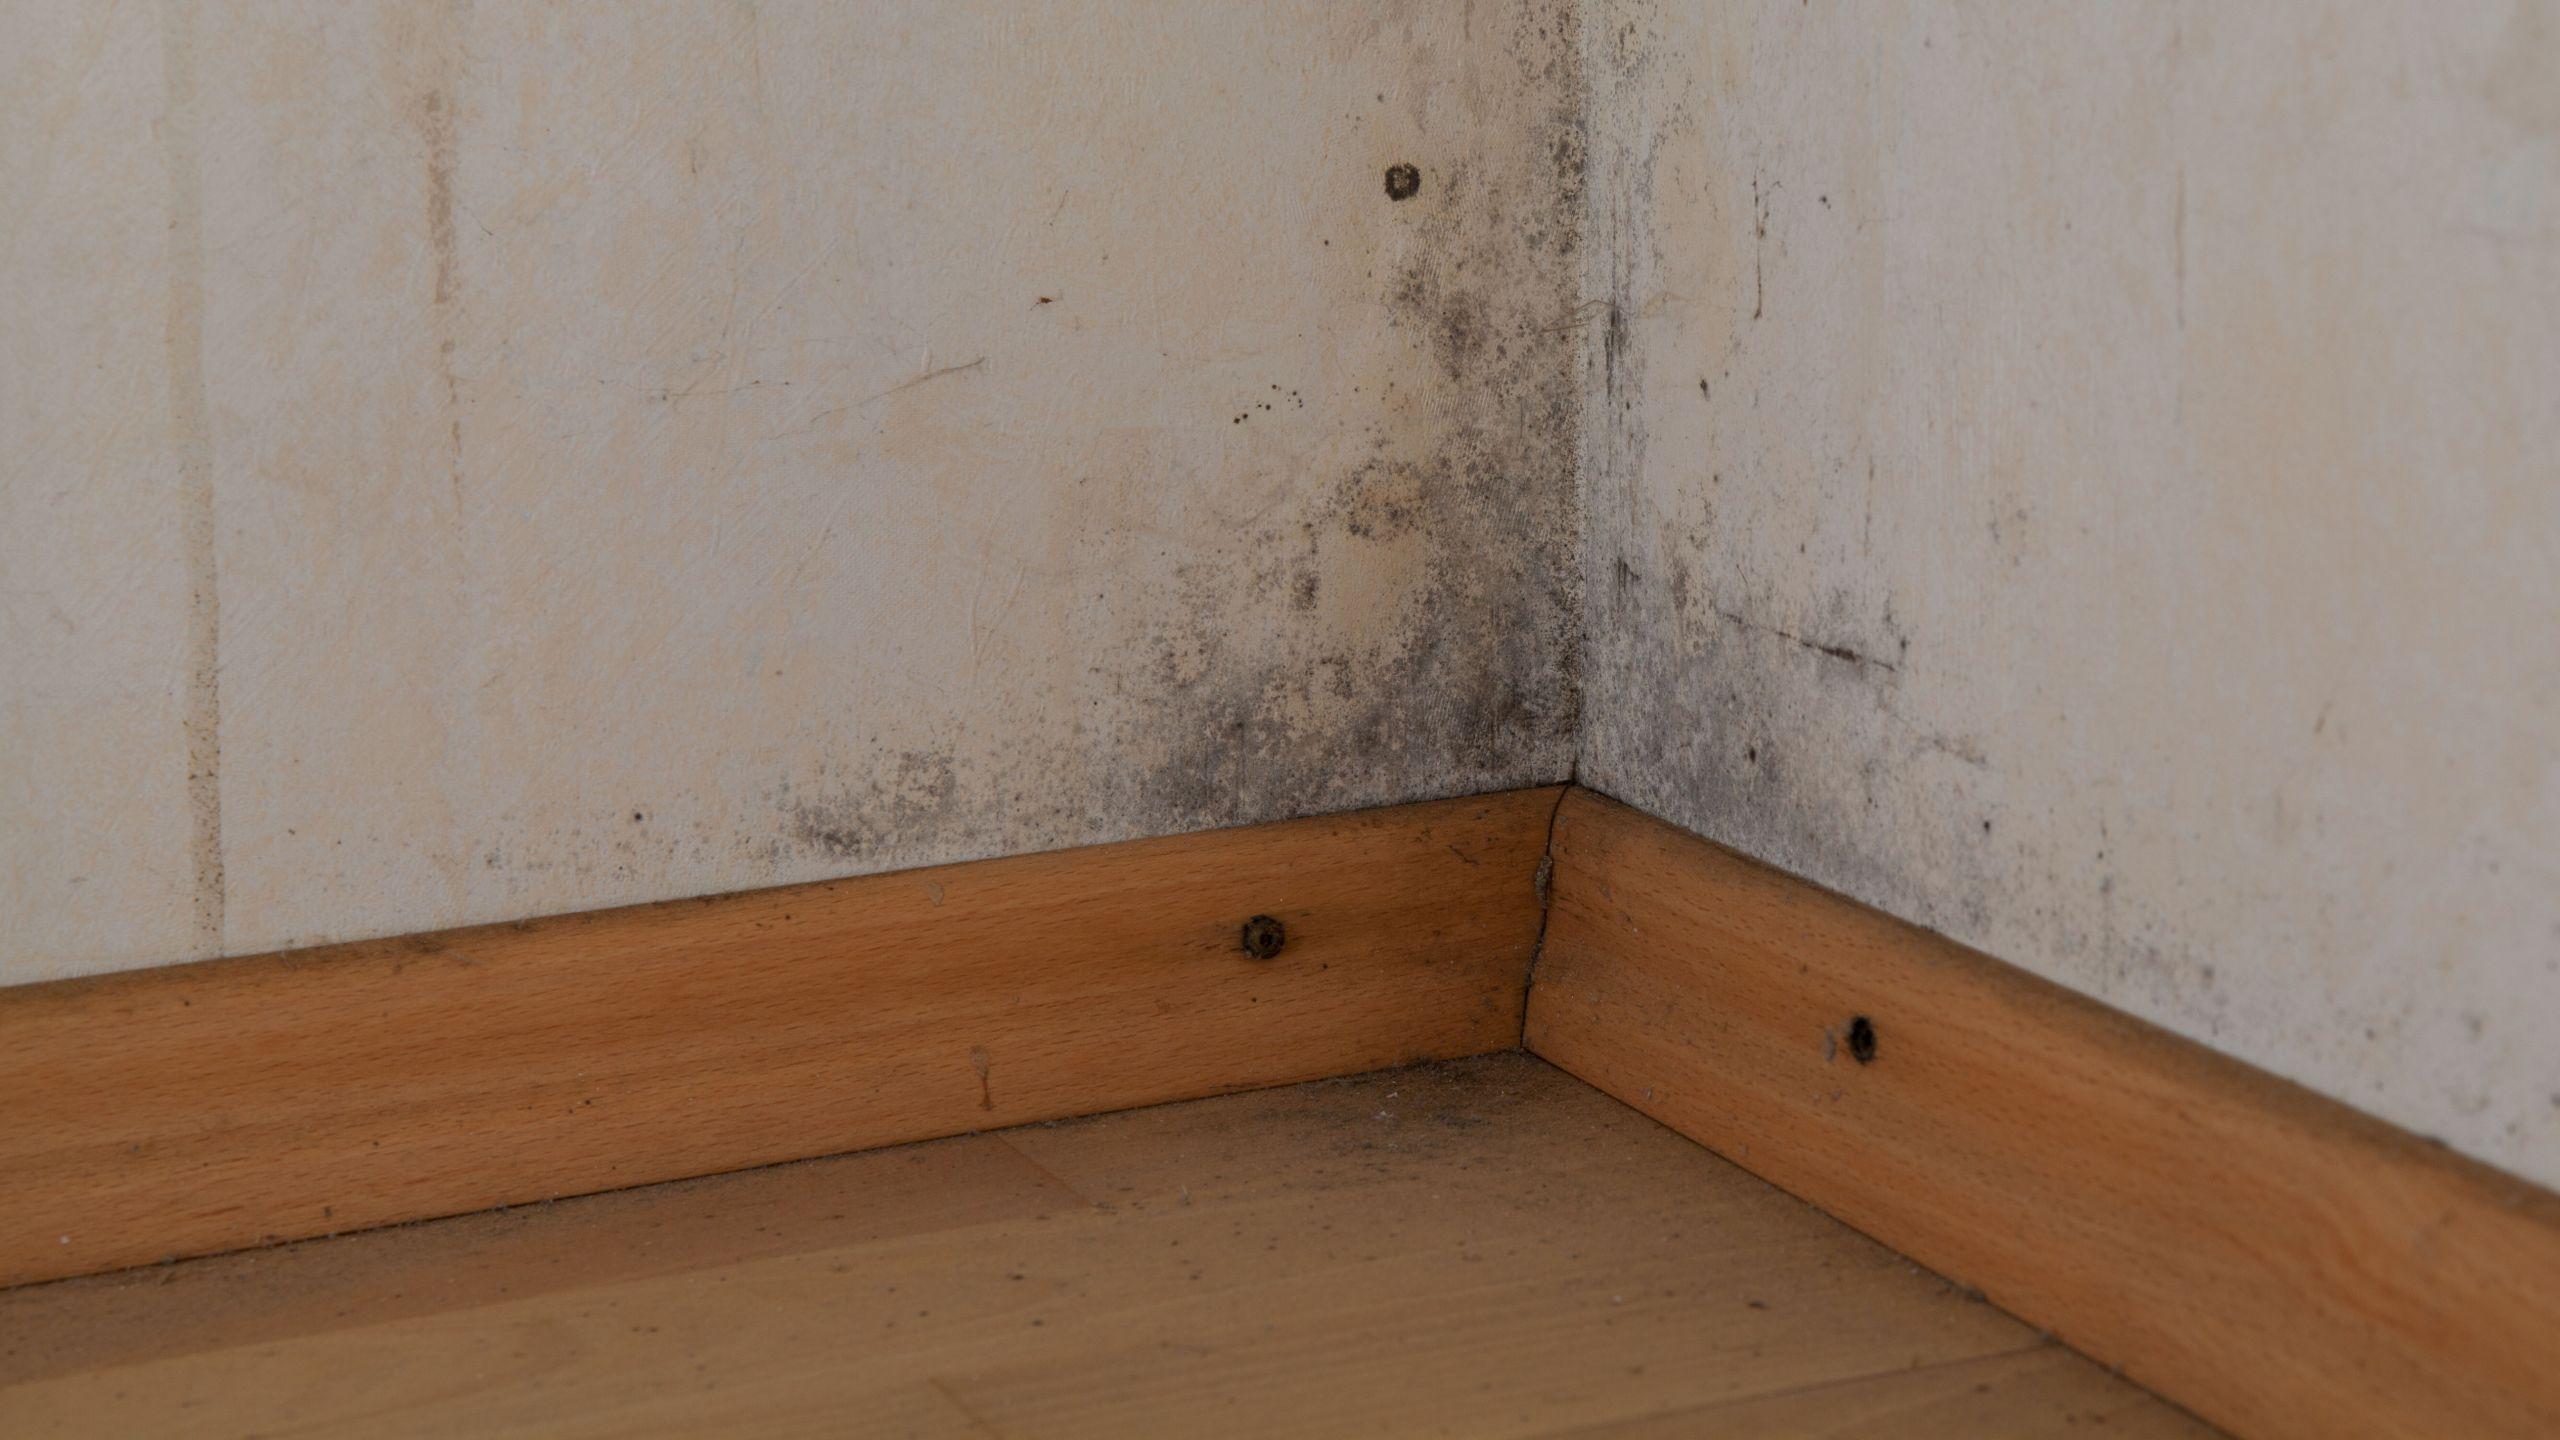 schimmelproblematik antischimmellufter schimmelvorsorge tote ecke wohnzimmer tote ecke wohnzimmer